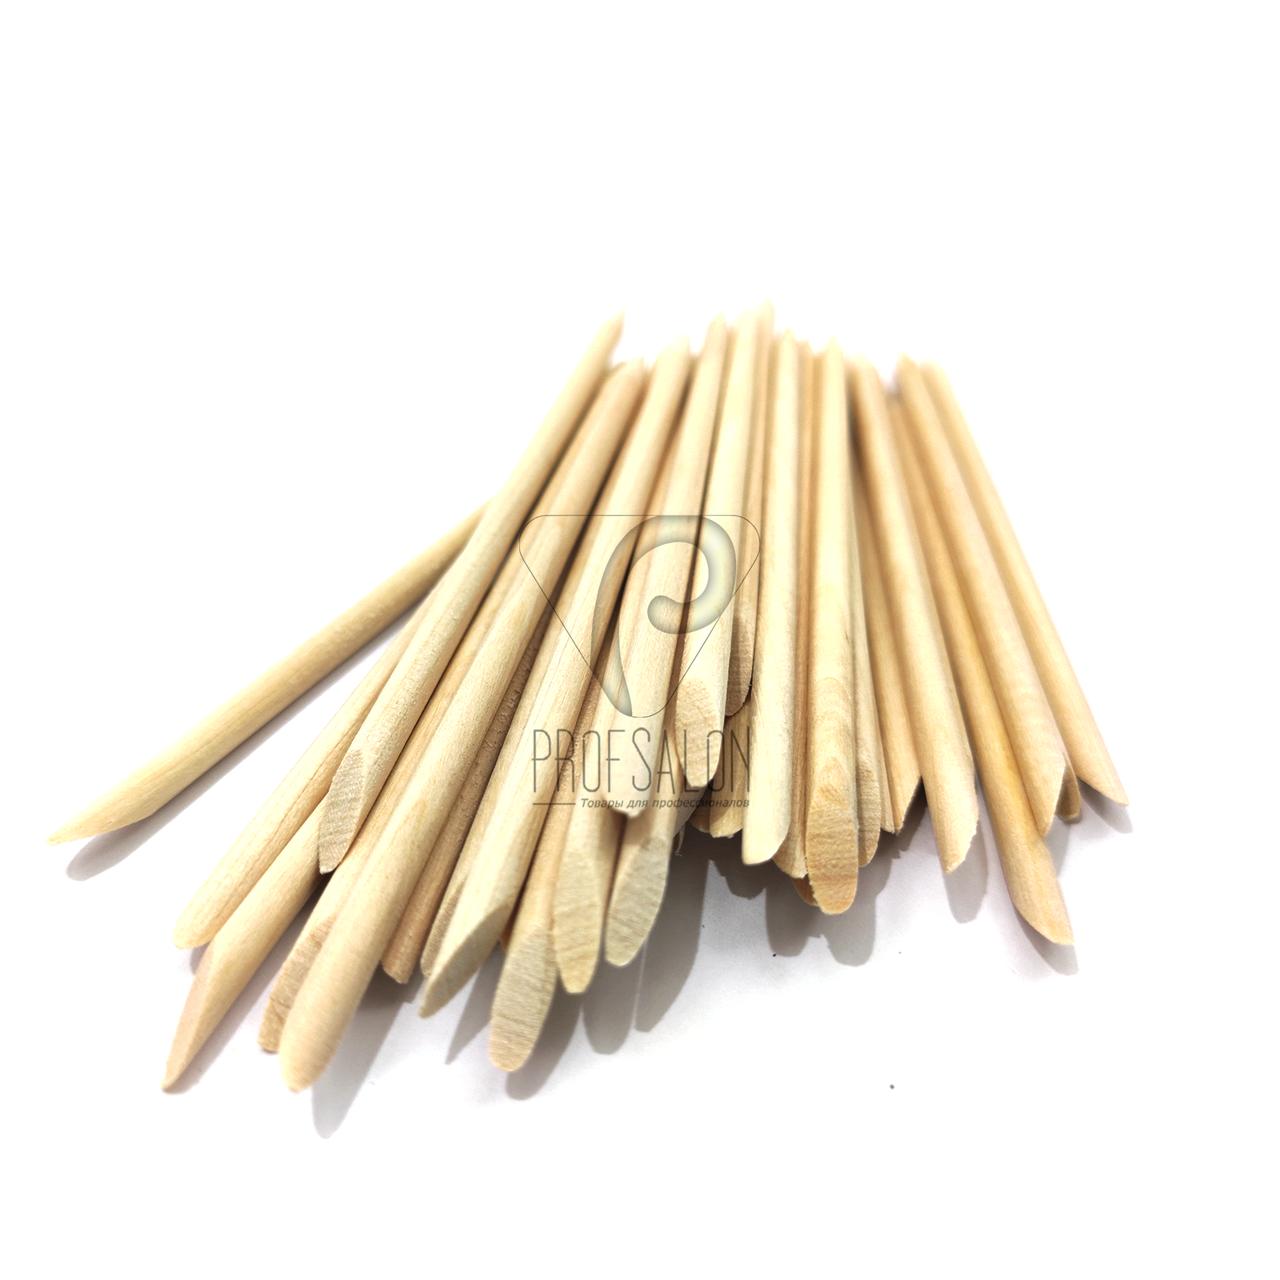 Апельсиновые палочки для маникюра и педикюра 11 см (50шт./уп)